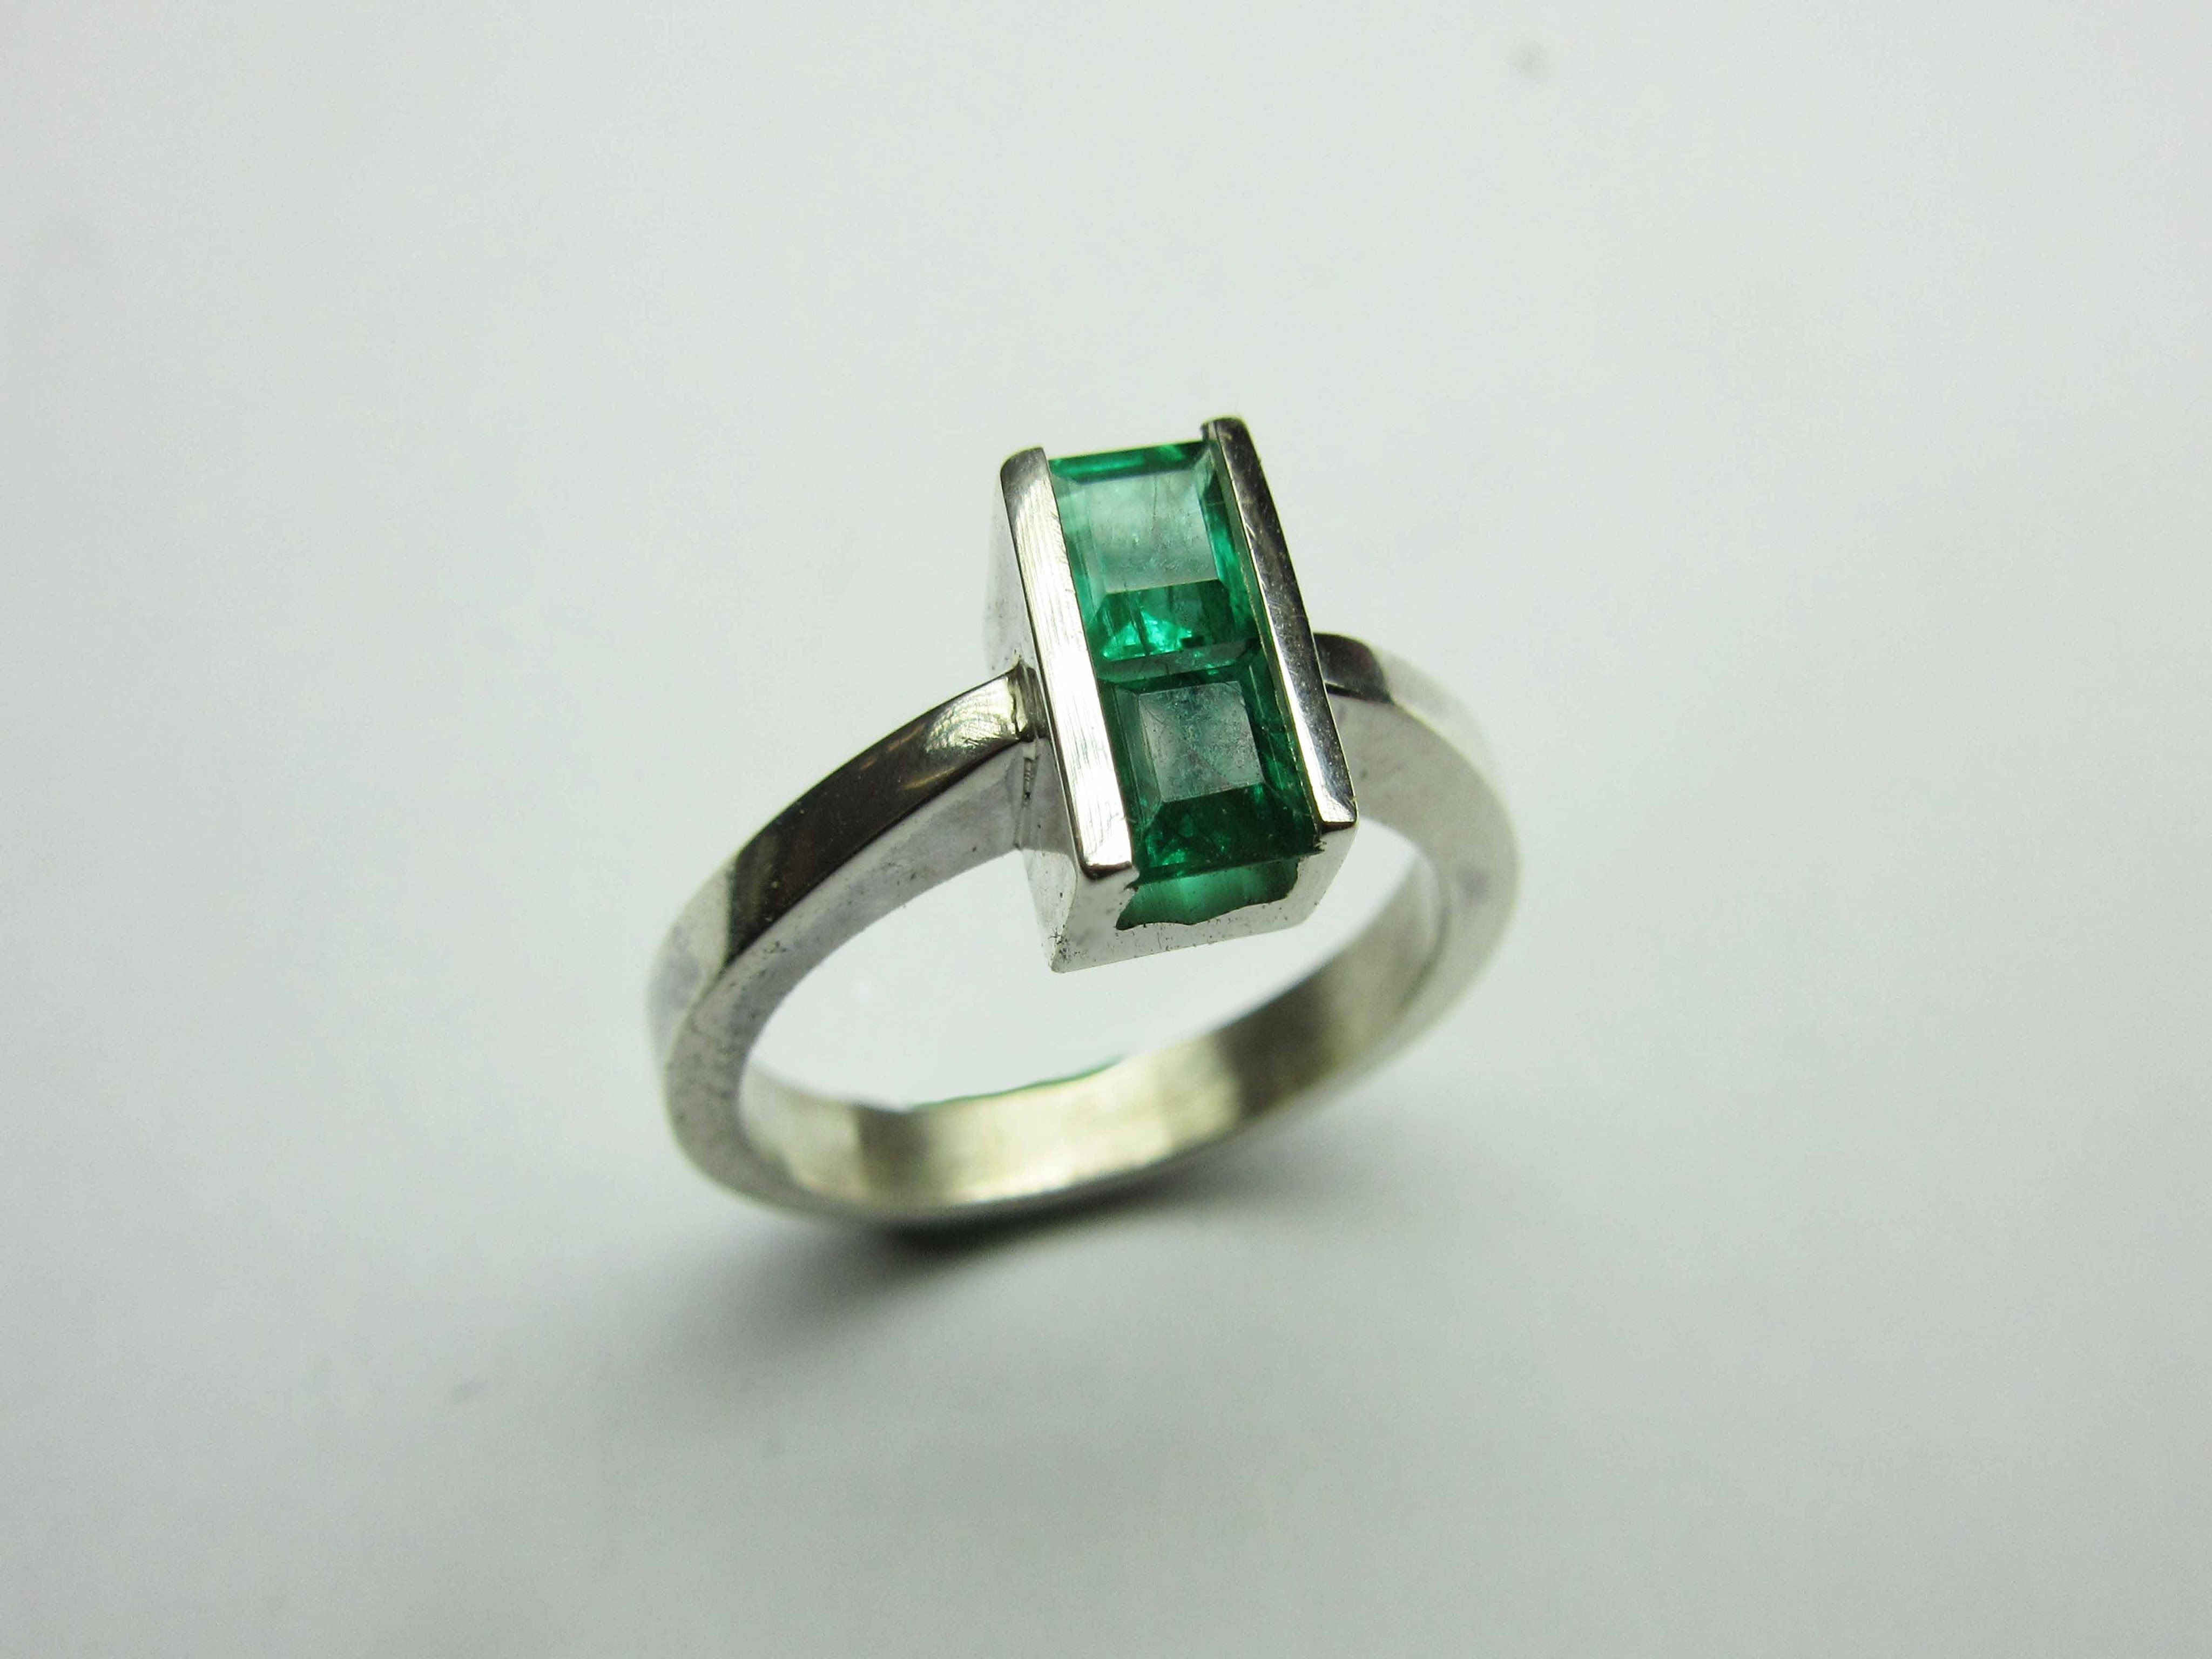 Two square stone ring | Kuyum Dersleri - Jewellery Tutorials | Pinterest